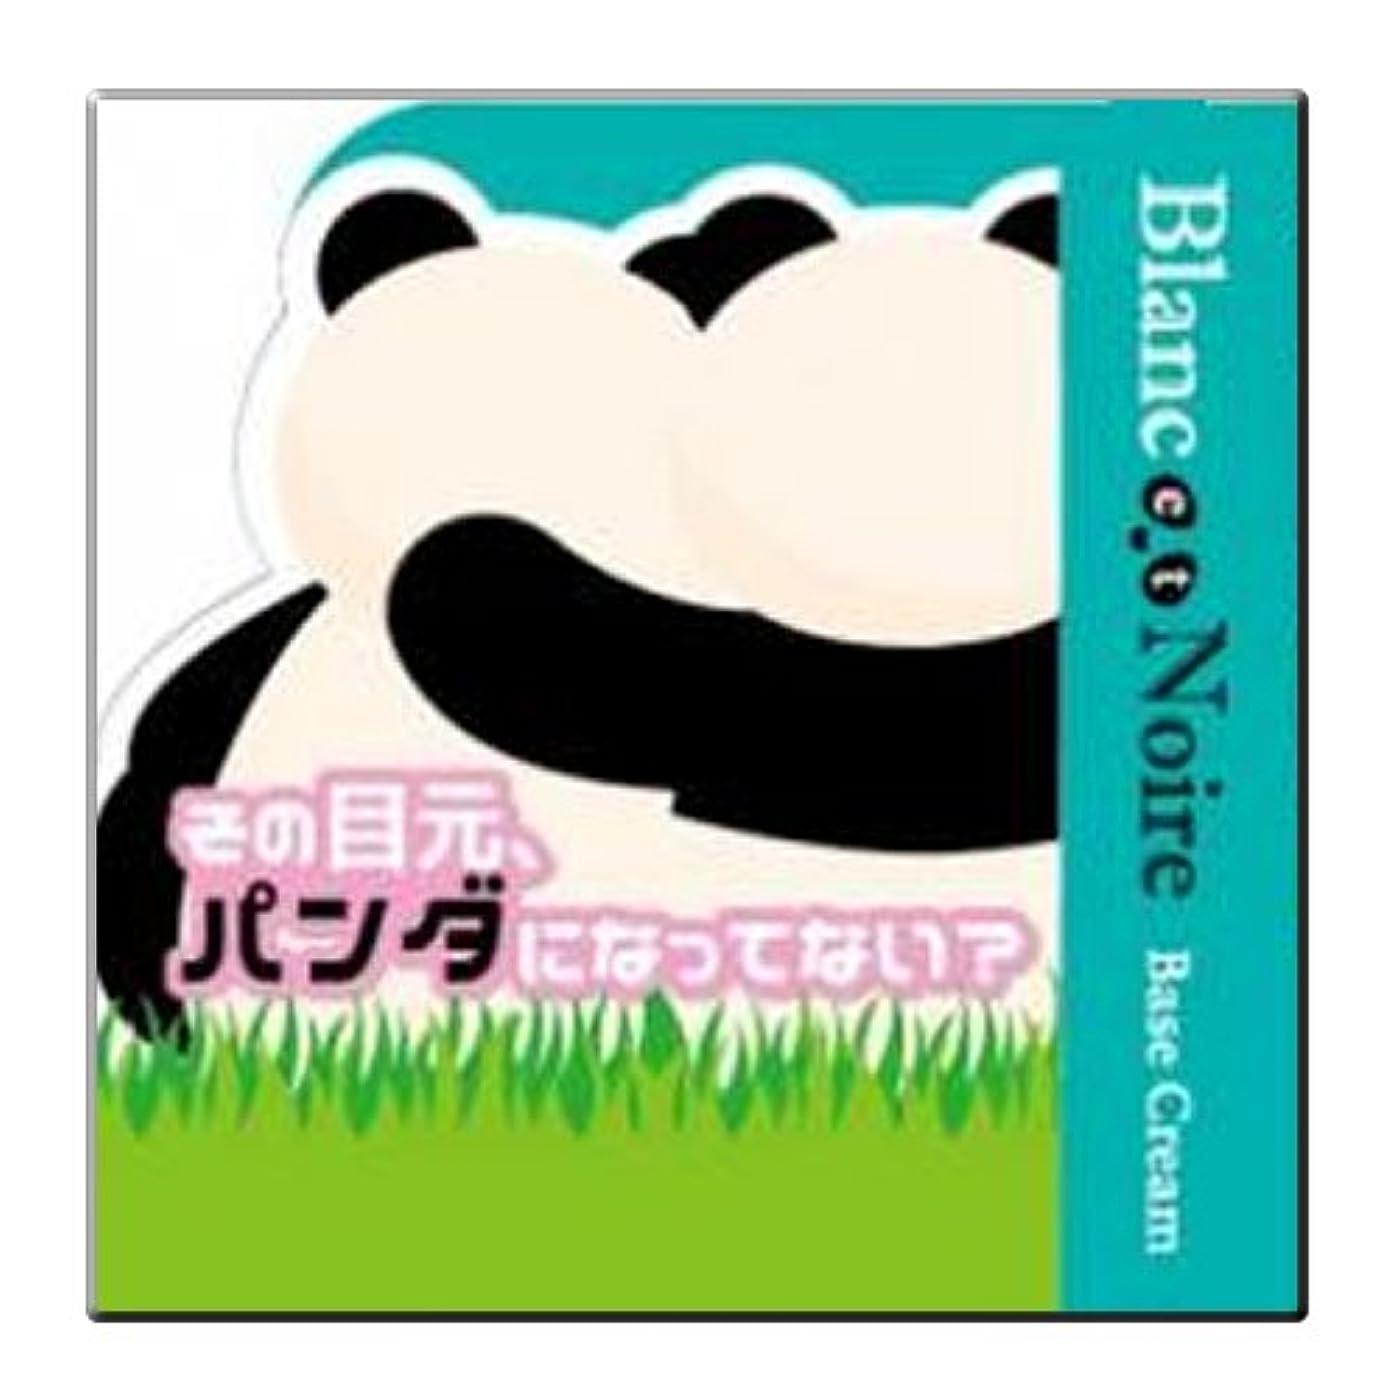 内陸こだわり花瓶Blanc et Noire(ブラン エ ノアール) Base Cream(ベースクリーム) 薬用美白クリームファンデーション 医薬部外品 15g